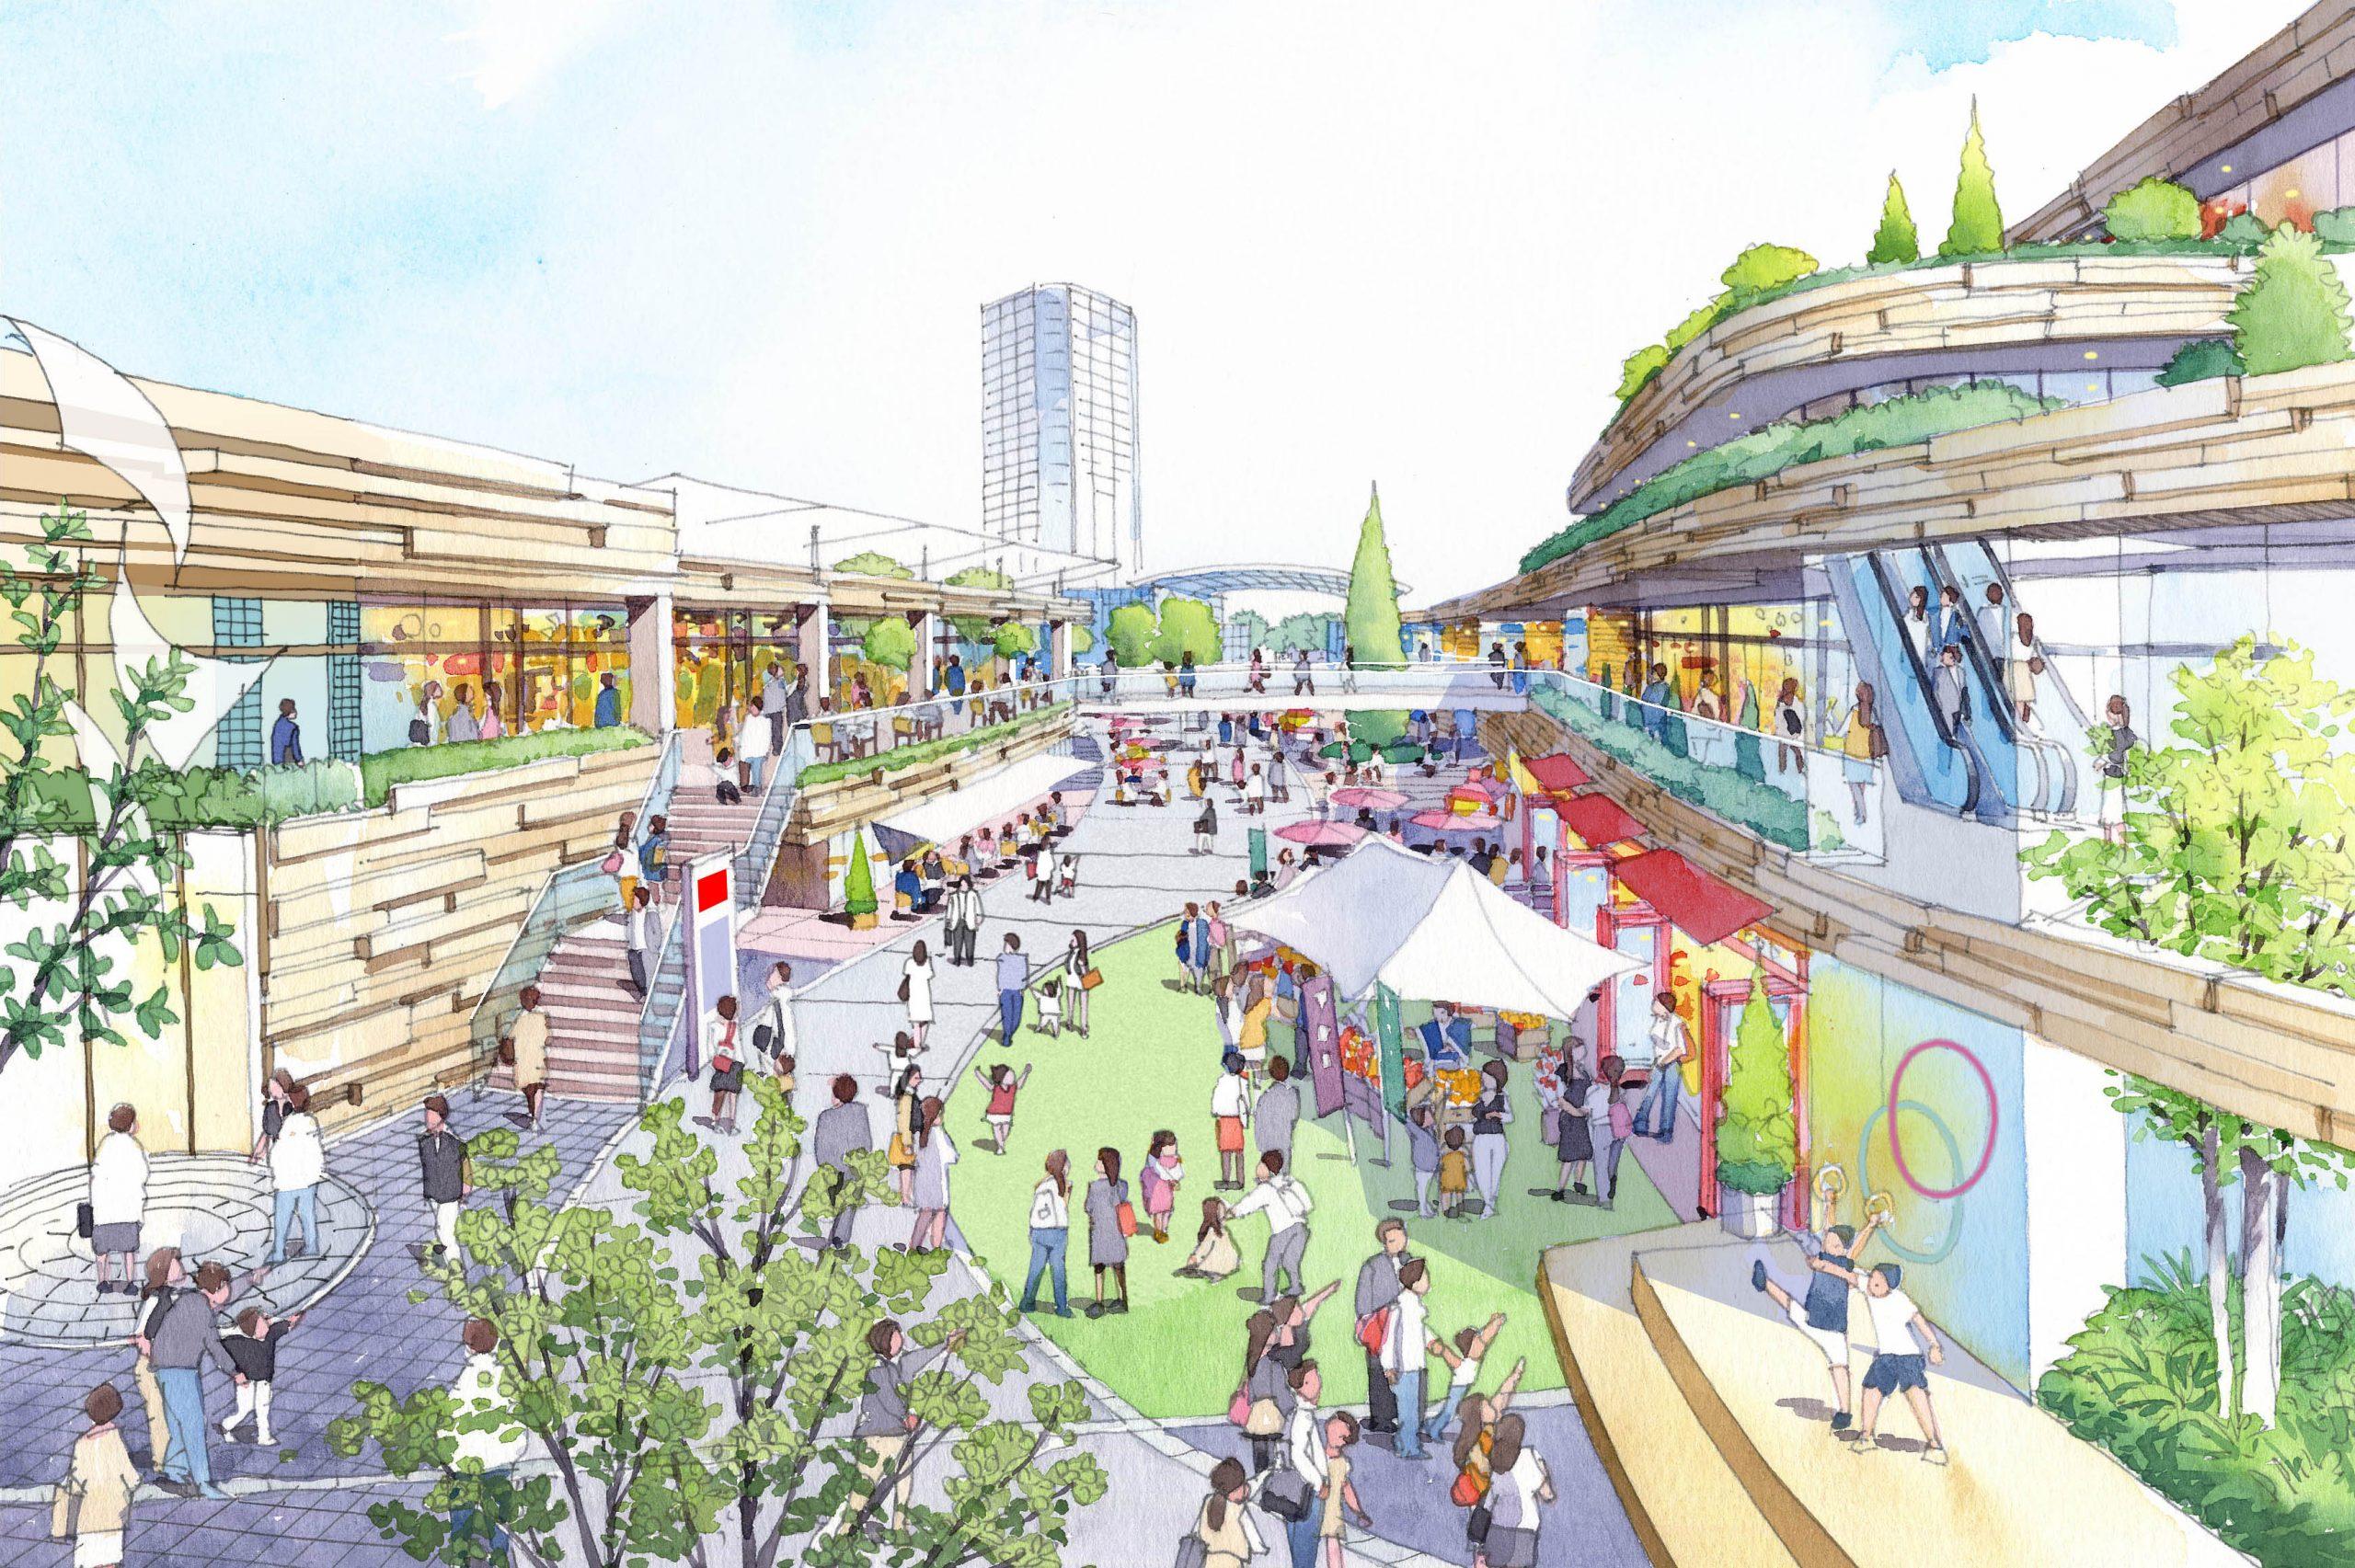 多摩ニュータウン再生、諏訪・永山地区まちづくり計画